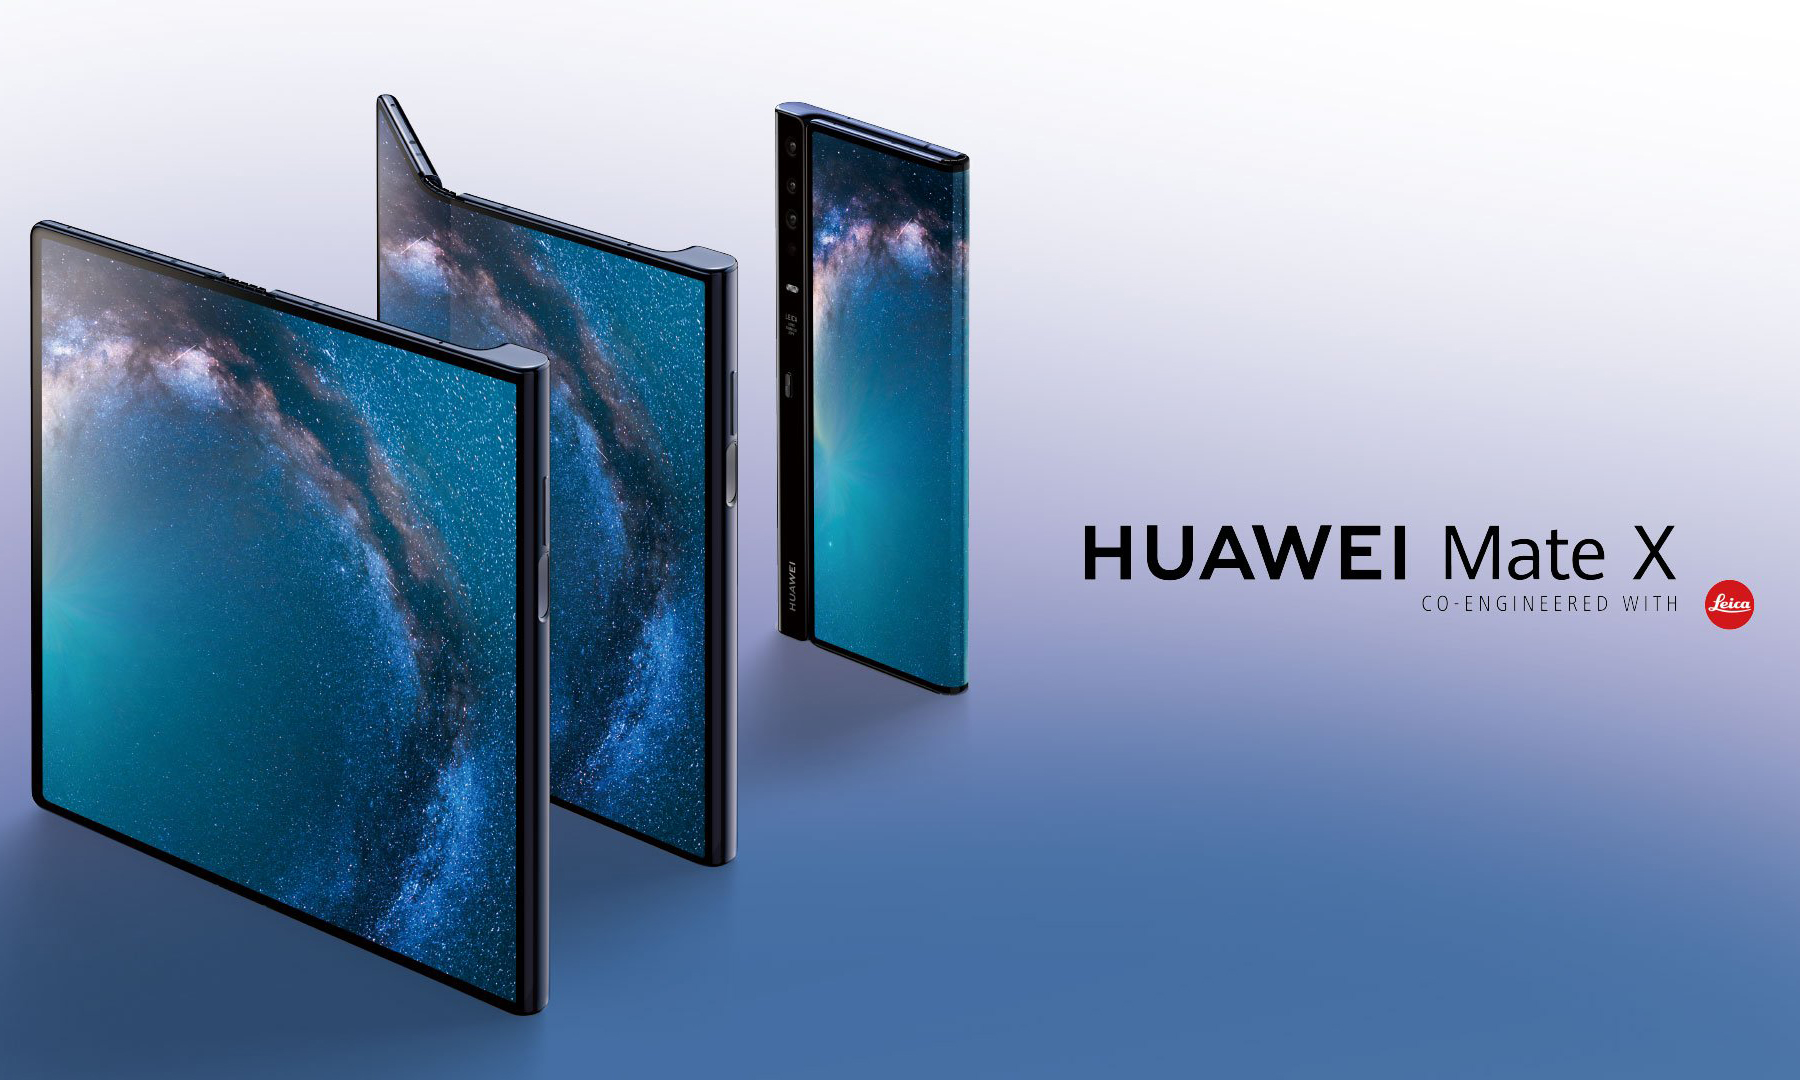 卖 17,500 元的折叠屏手机,是否意义大于实际?